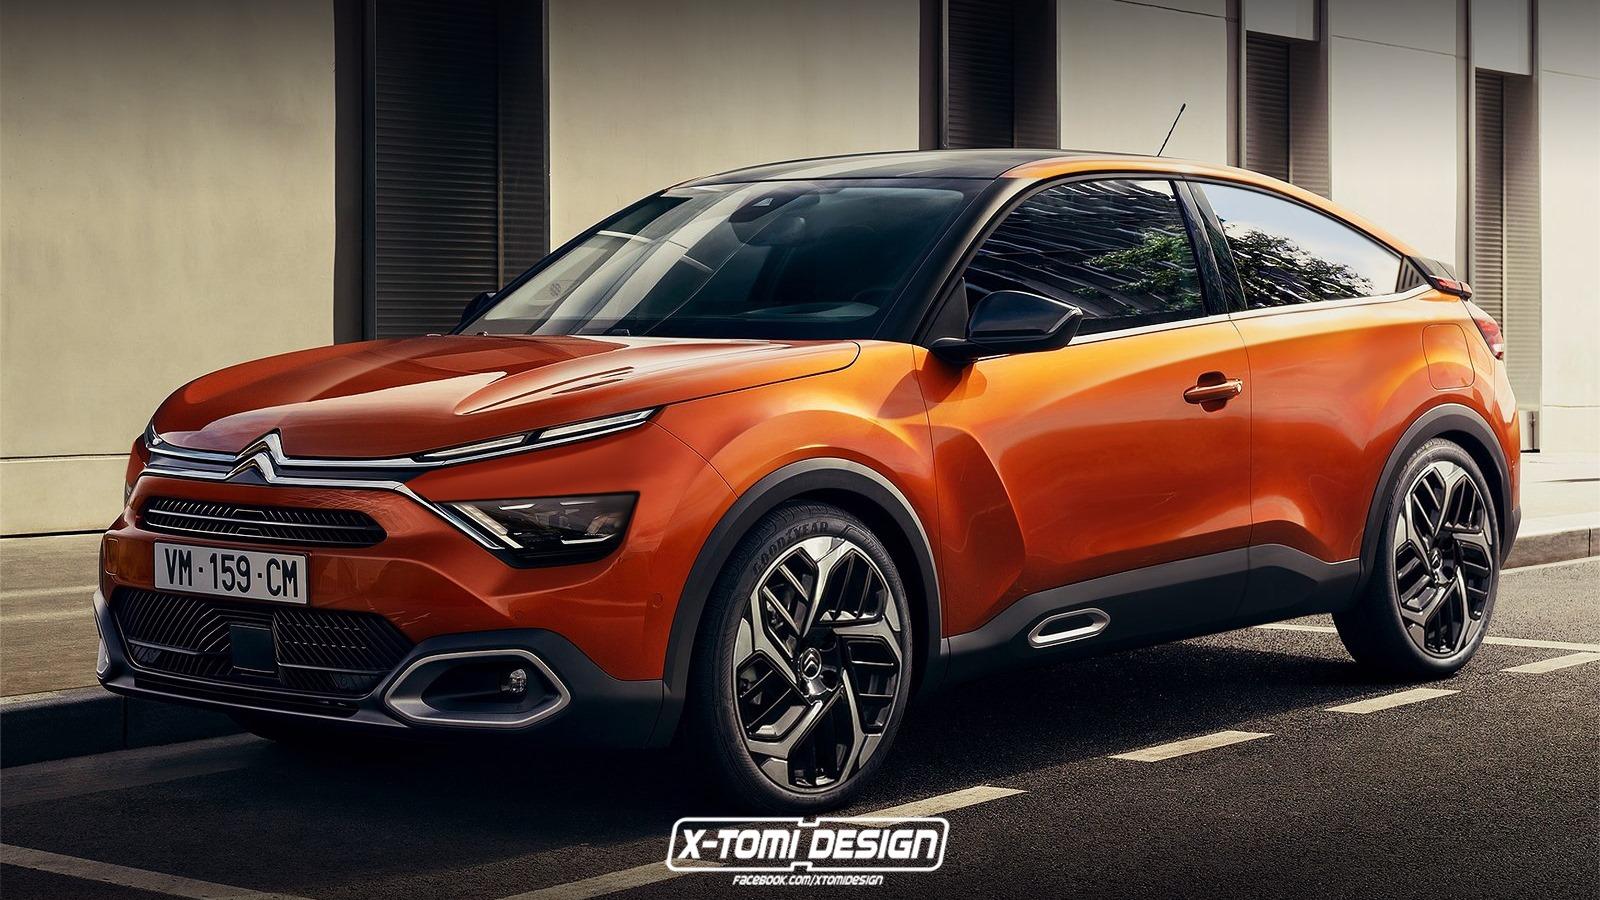 Citroën-C4-Coupe